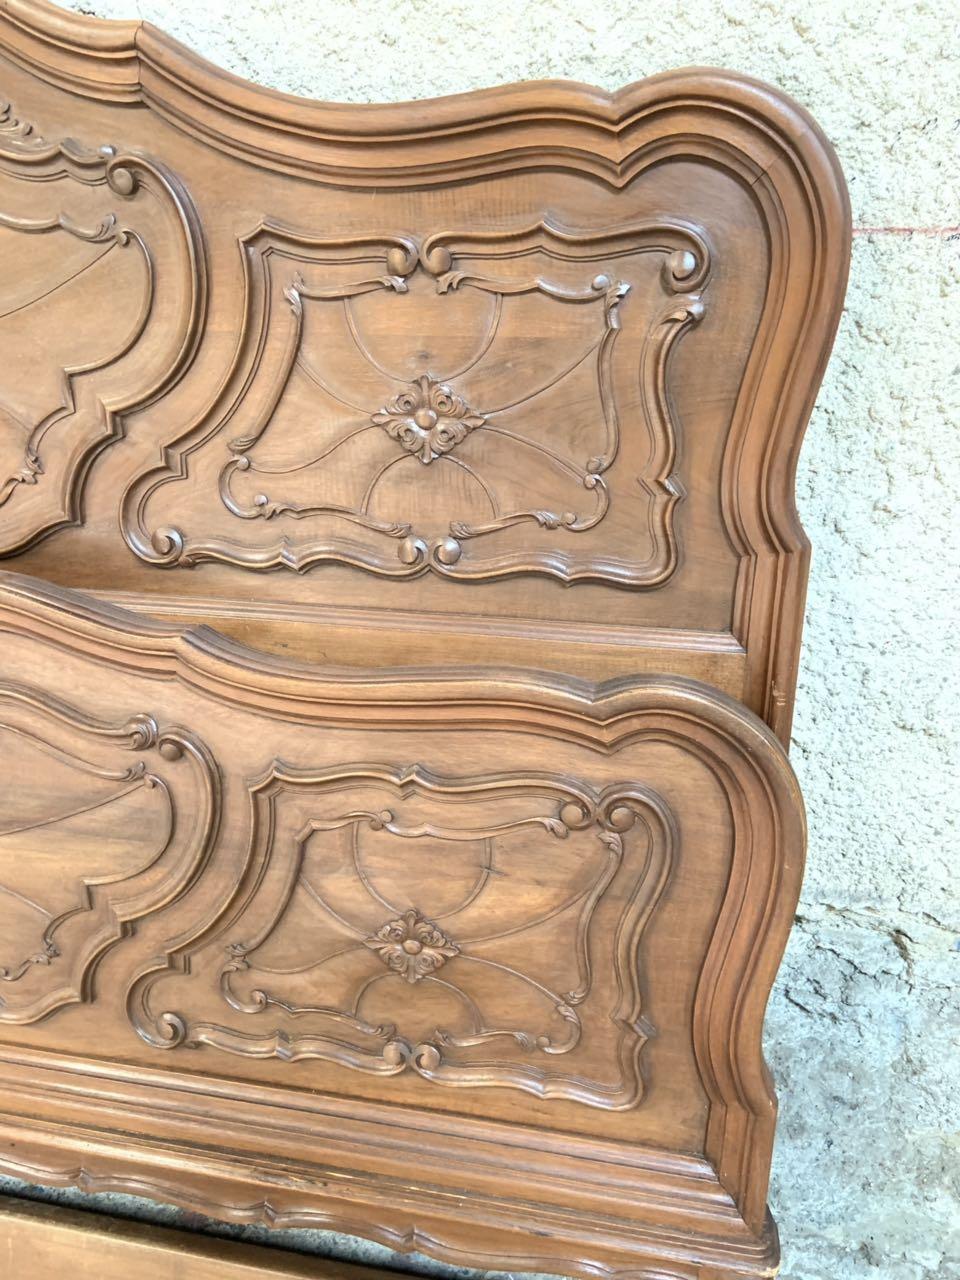 Антикварная ореховая кровать 190828004